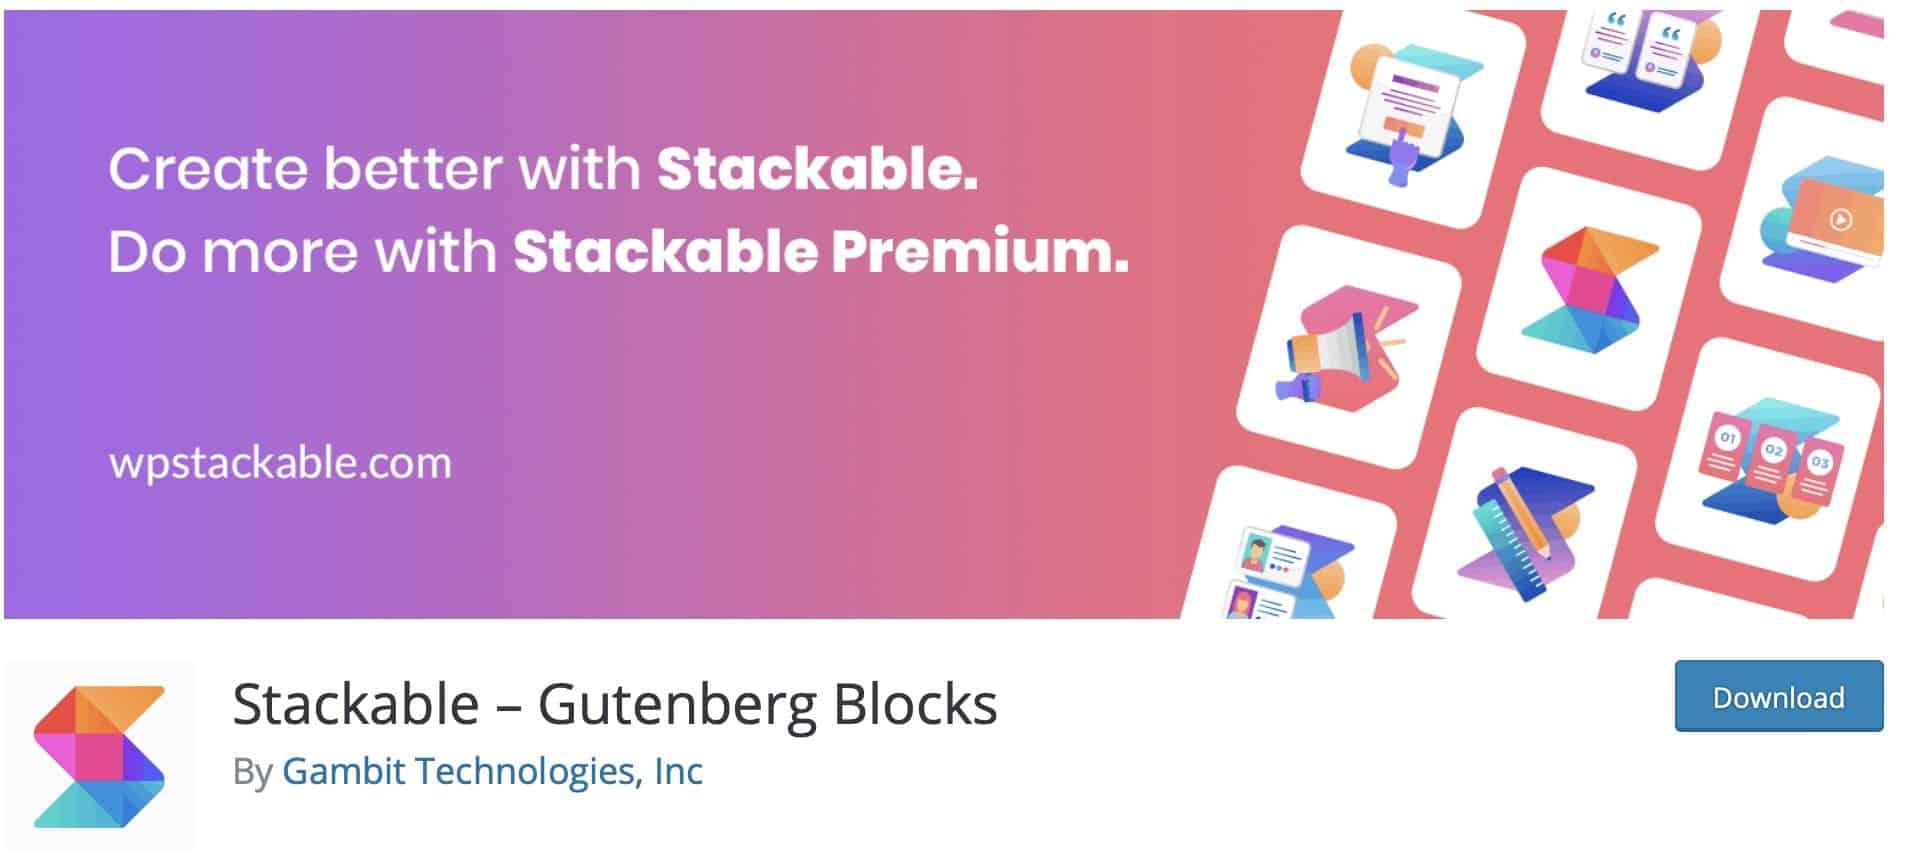 stackable